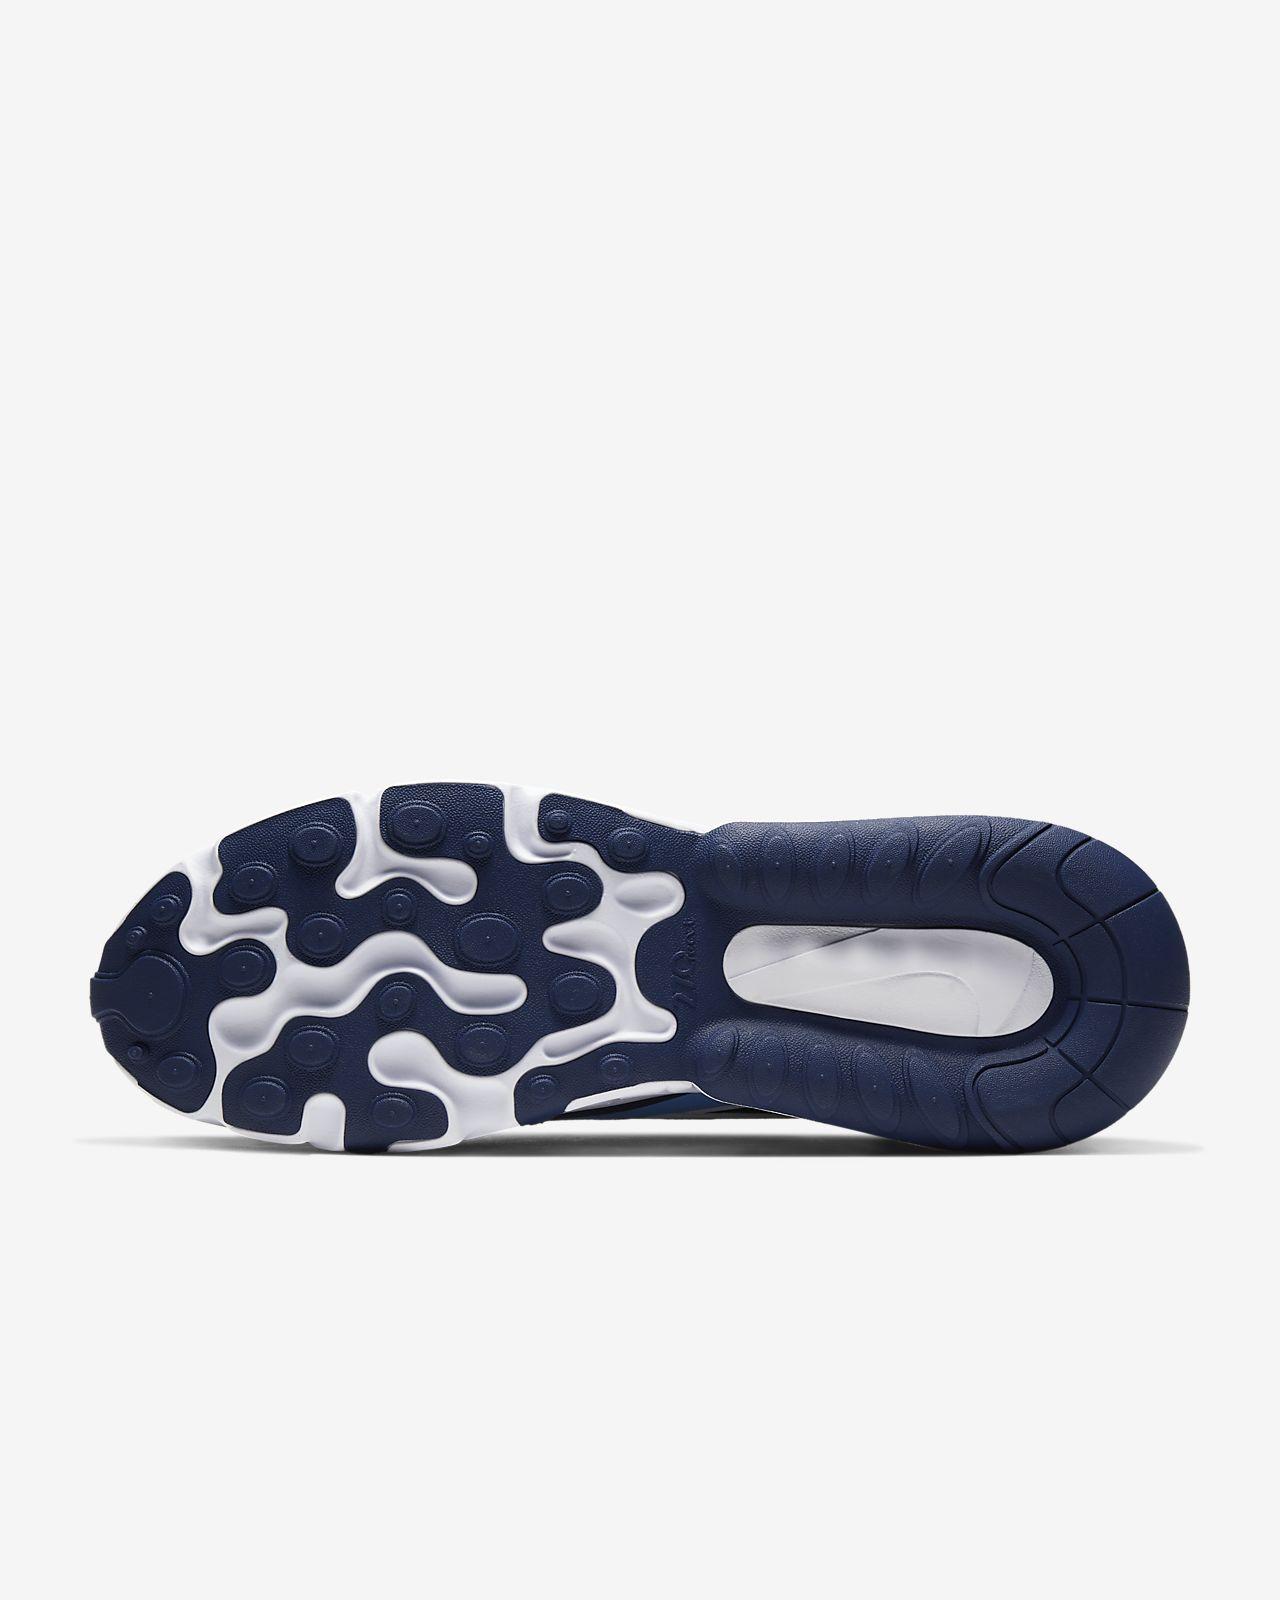 Stort Udvalg Nike Dunk Høj Billige Priser | Nike Dunk Høj